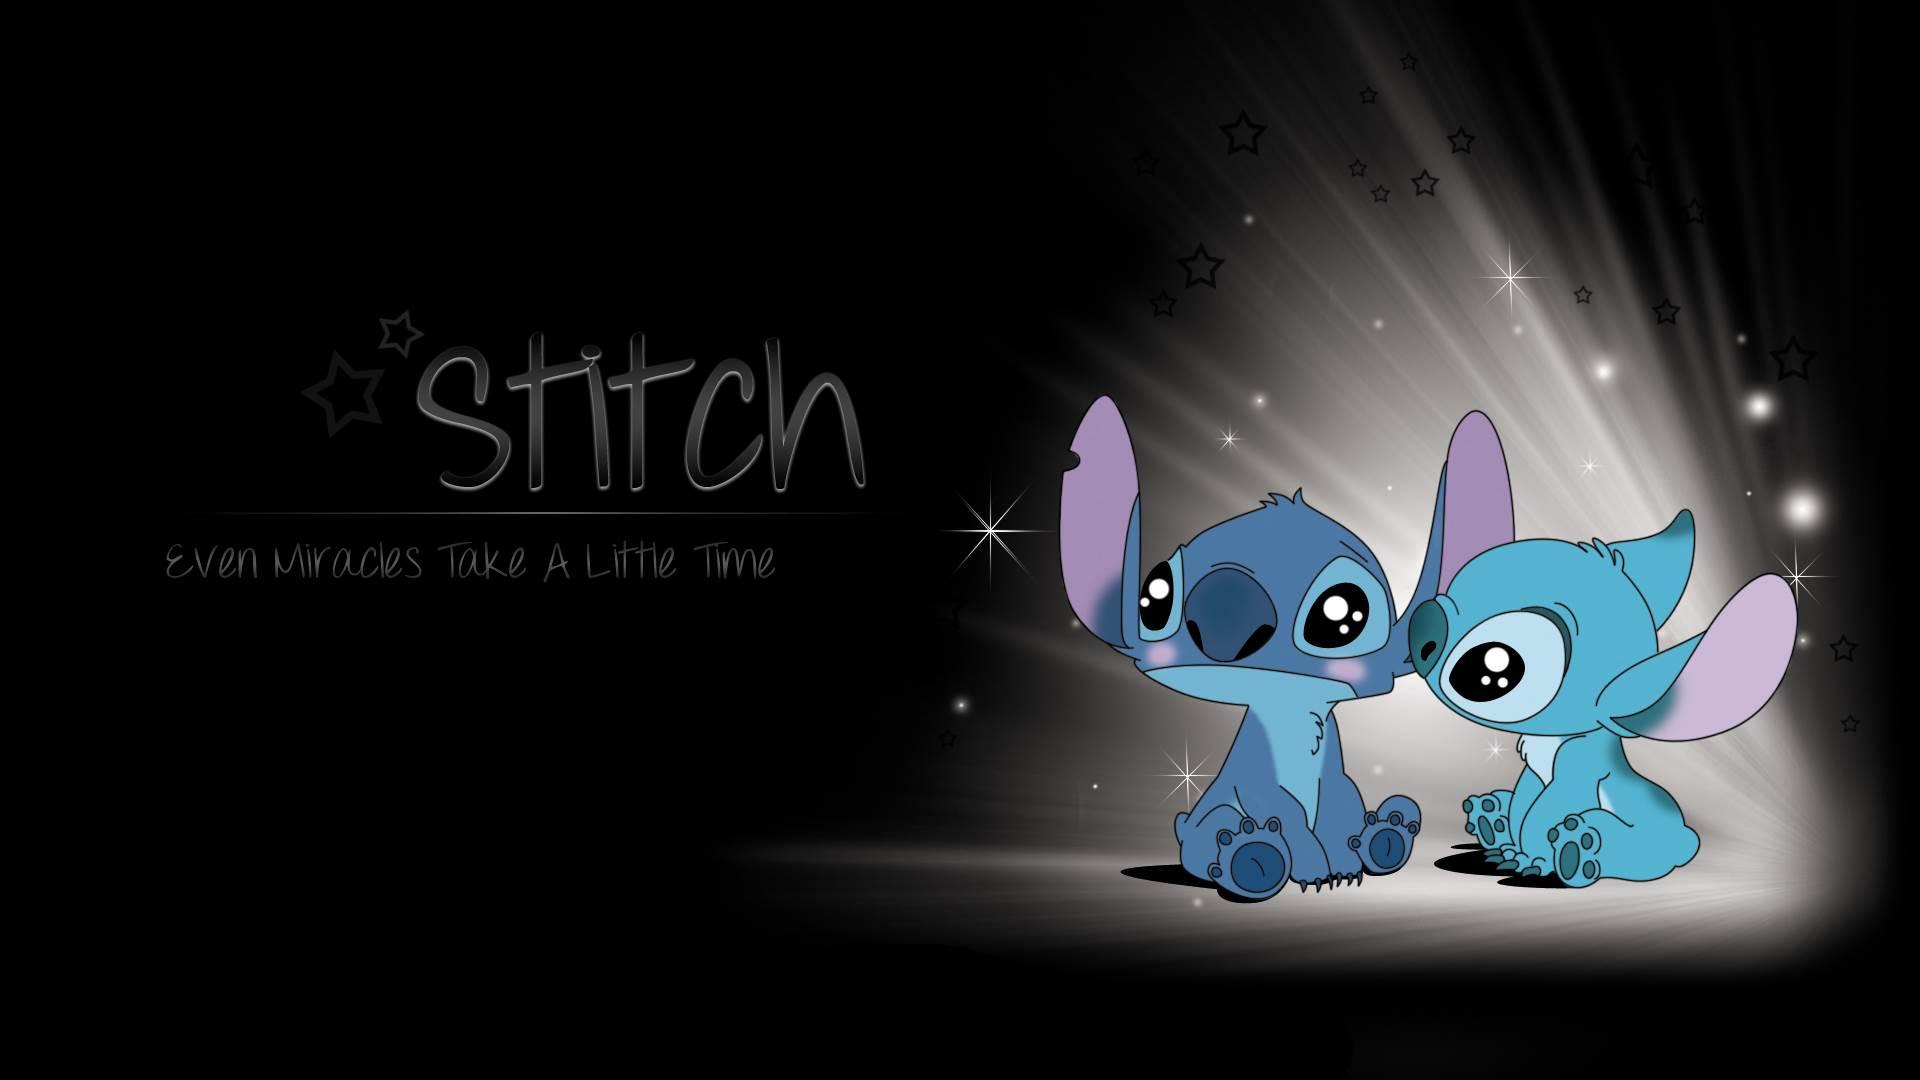 Stitch Wallpaper Tumblr 1920x1080